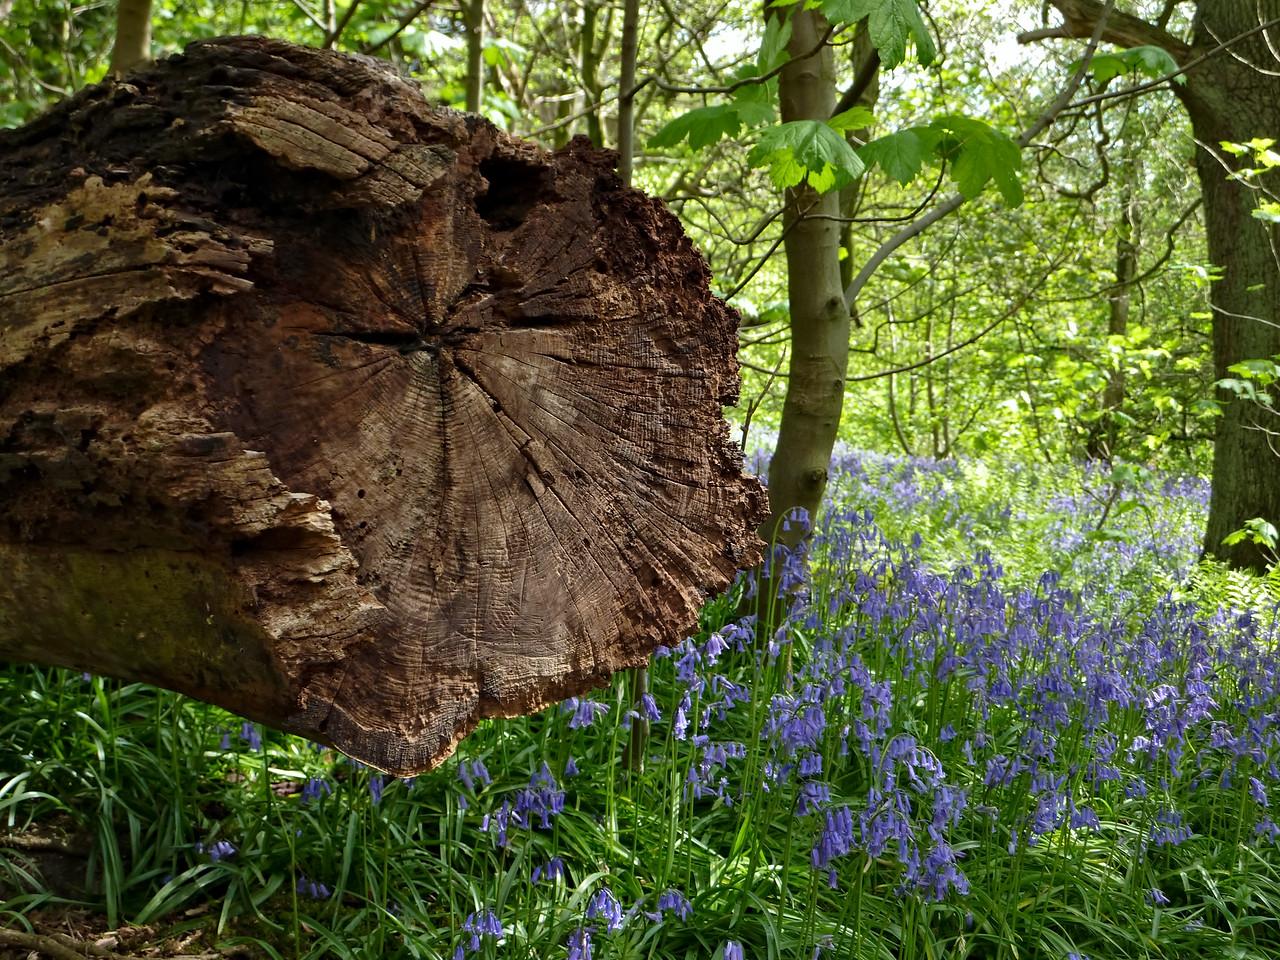 'Bluebell Wood' in Ilkley